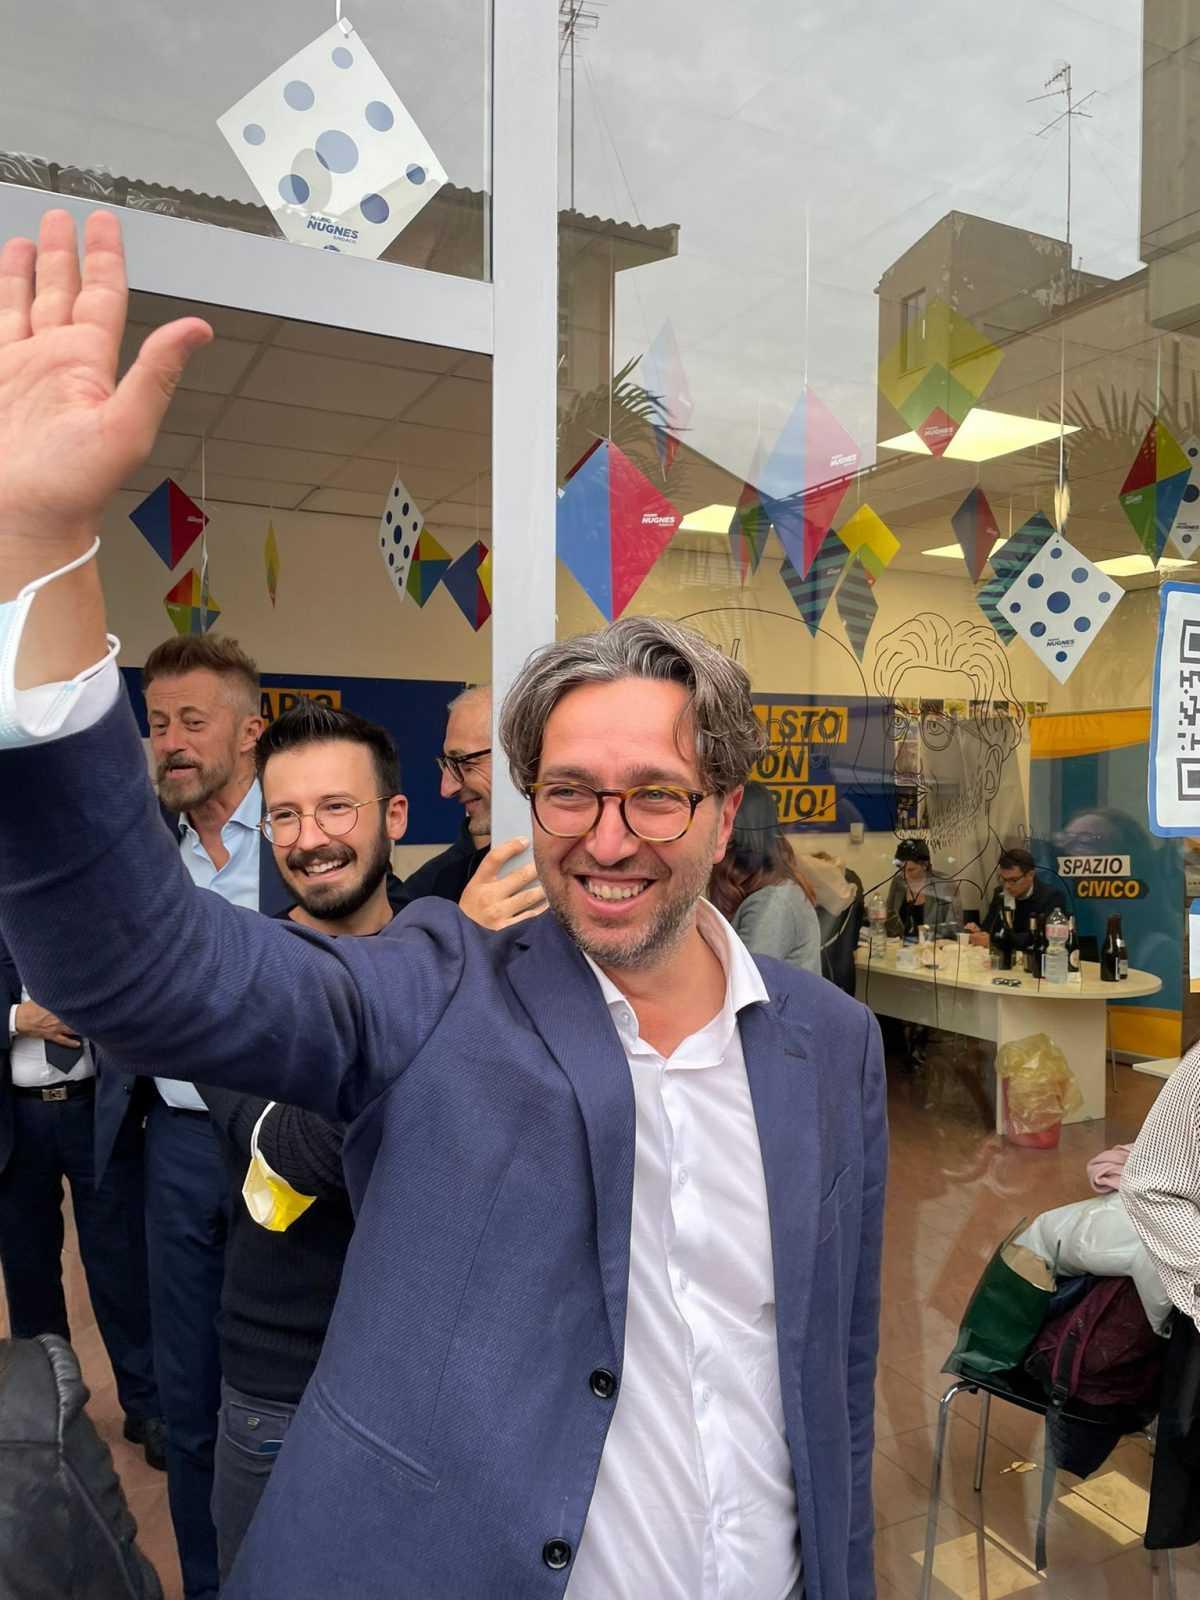 FOTO | Elezione Roseto, Nugnes: 6.233 preferenze (56,03%) per il neo primo cittadino. Gli eletti